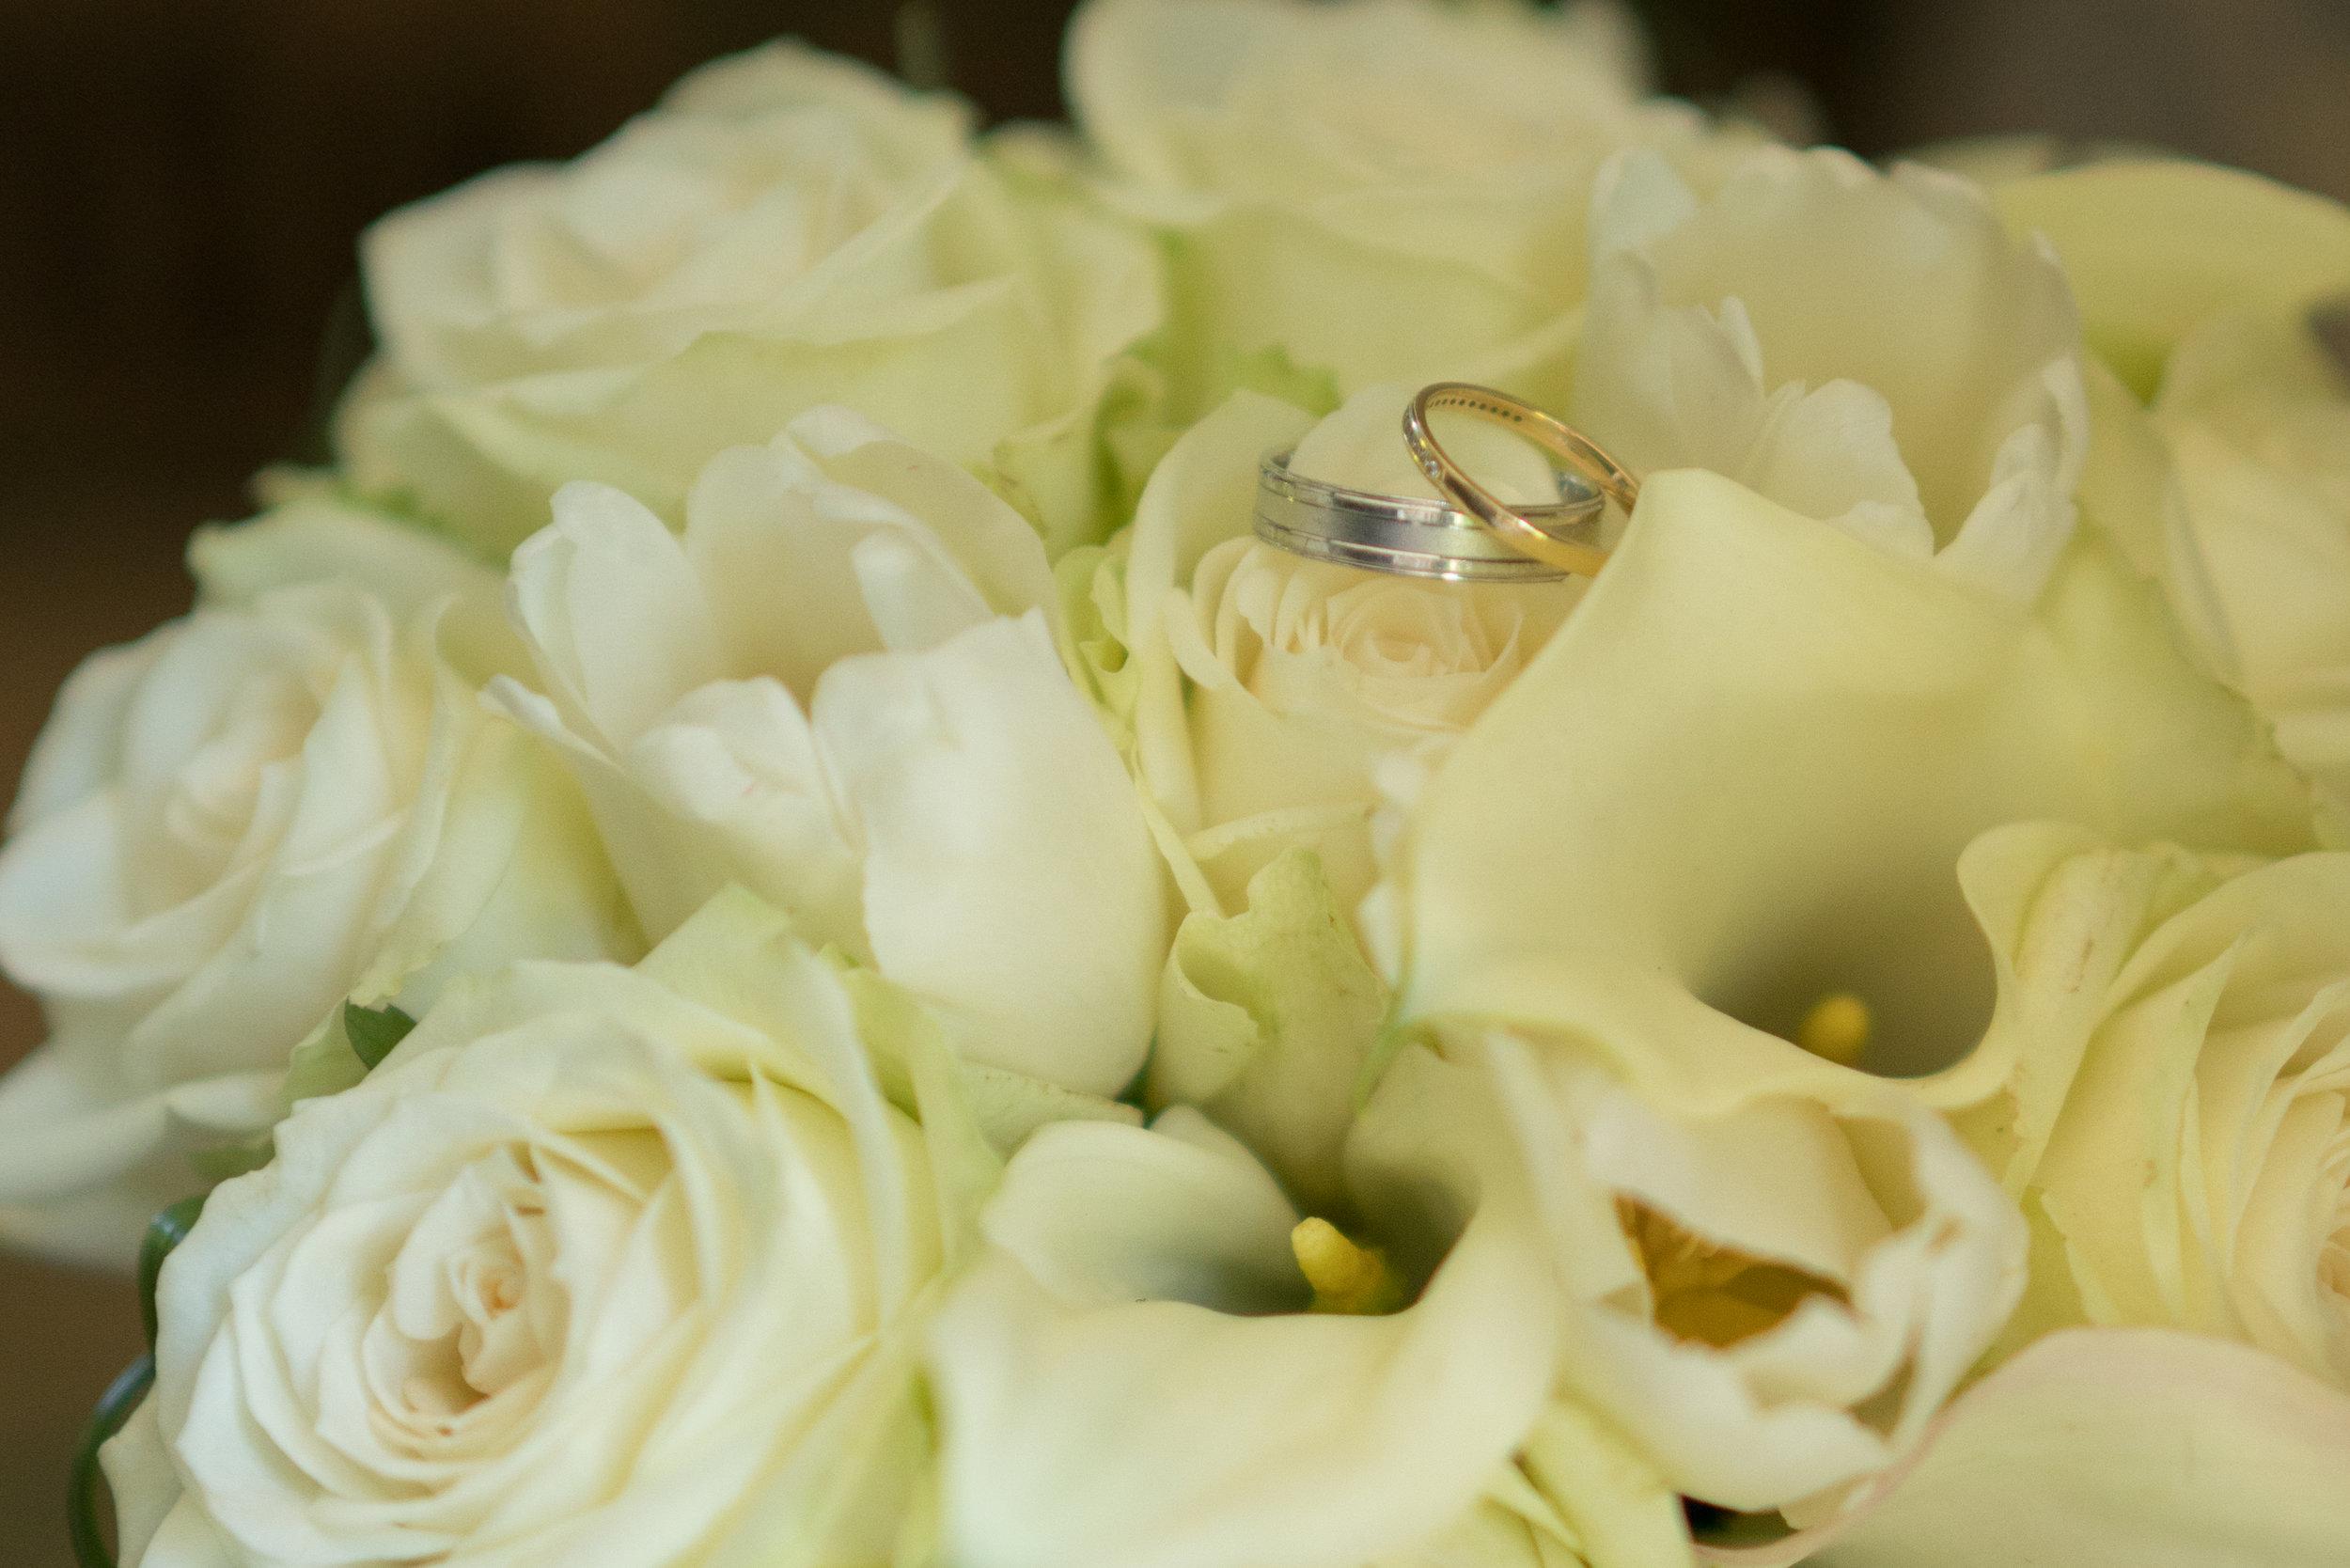 MRevenement organisation de mariage à la Réunion _ Mariage de B et JC (15).jpg